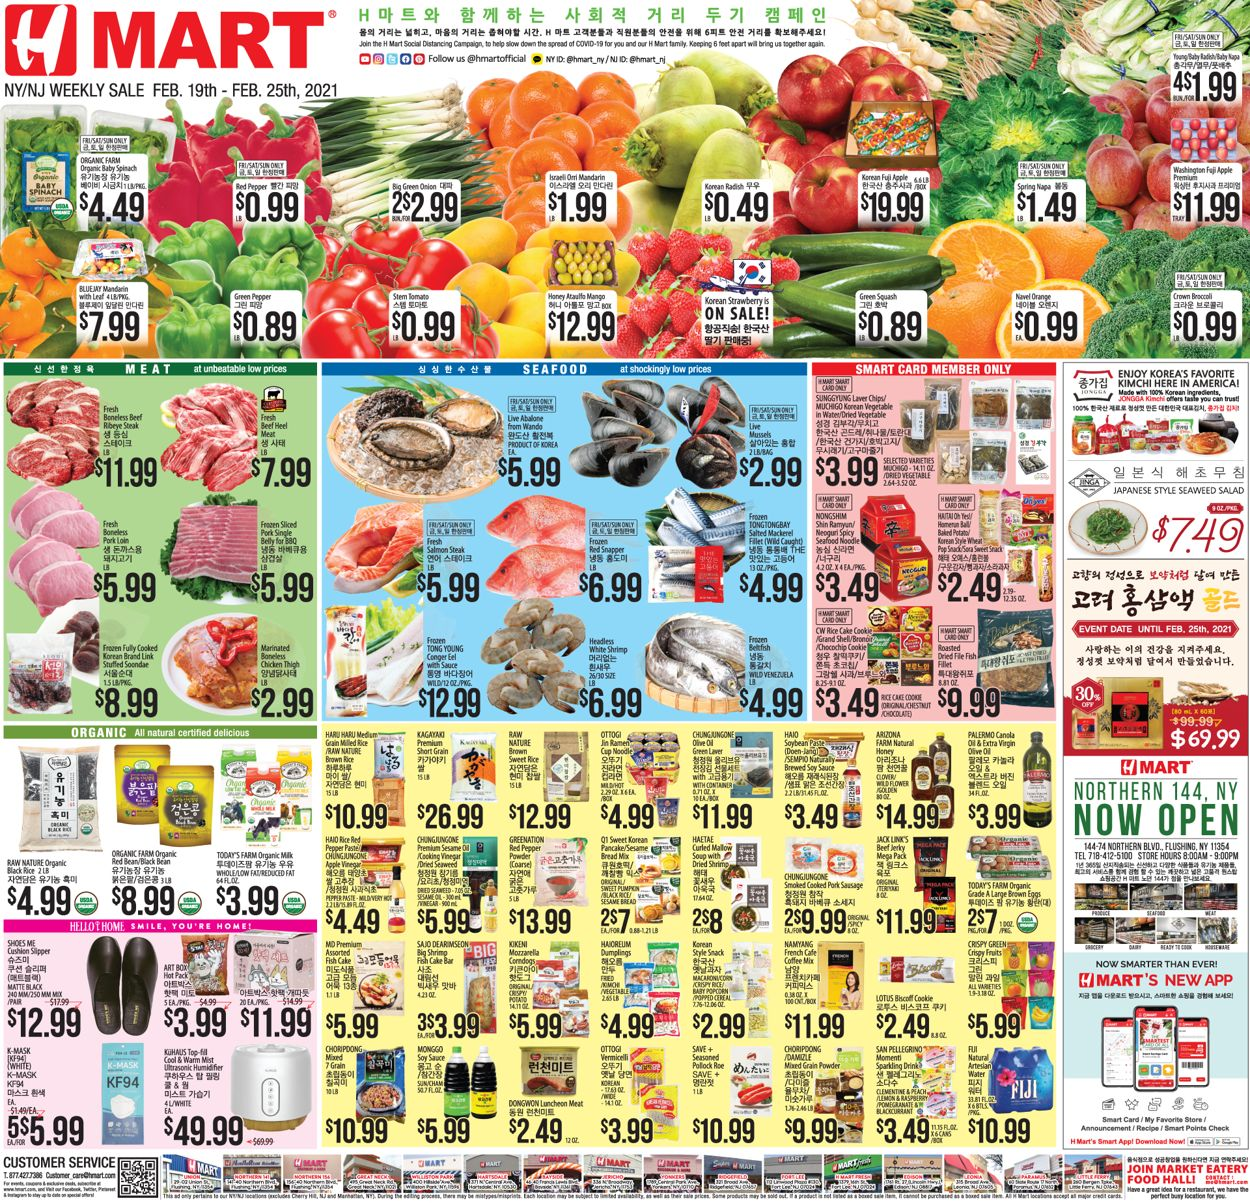 H Mart Weekly Ad Circular - valid 02/19-02/25/2021